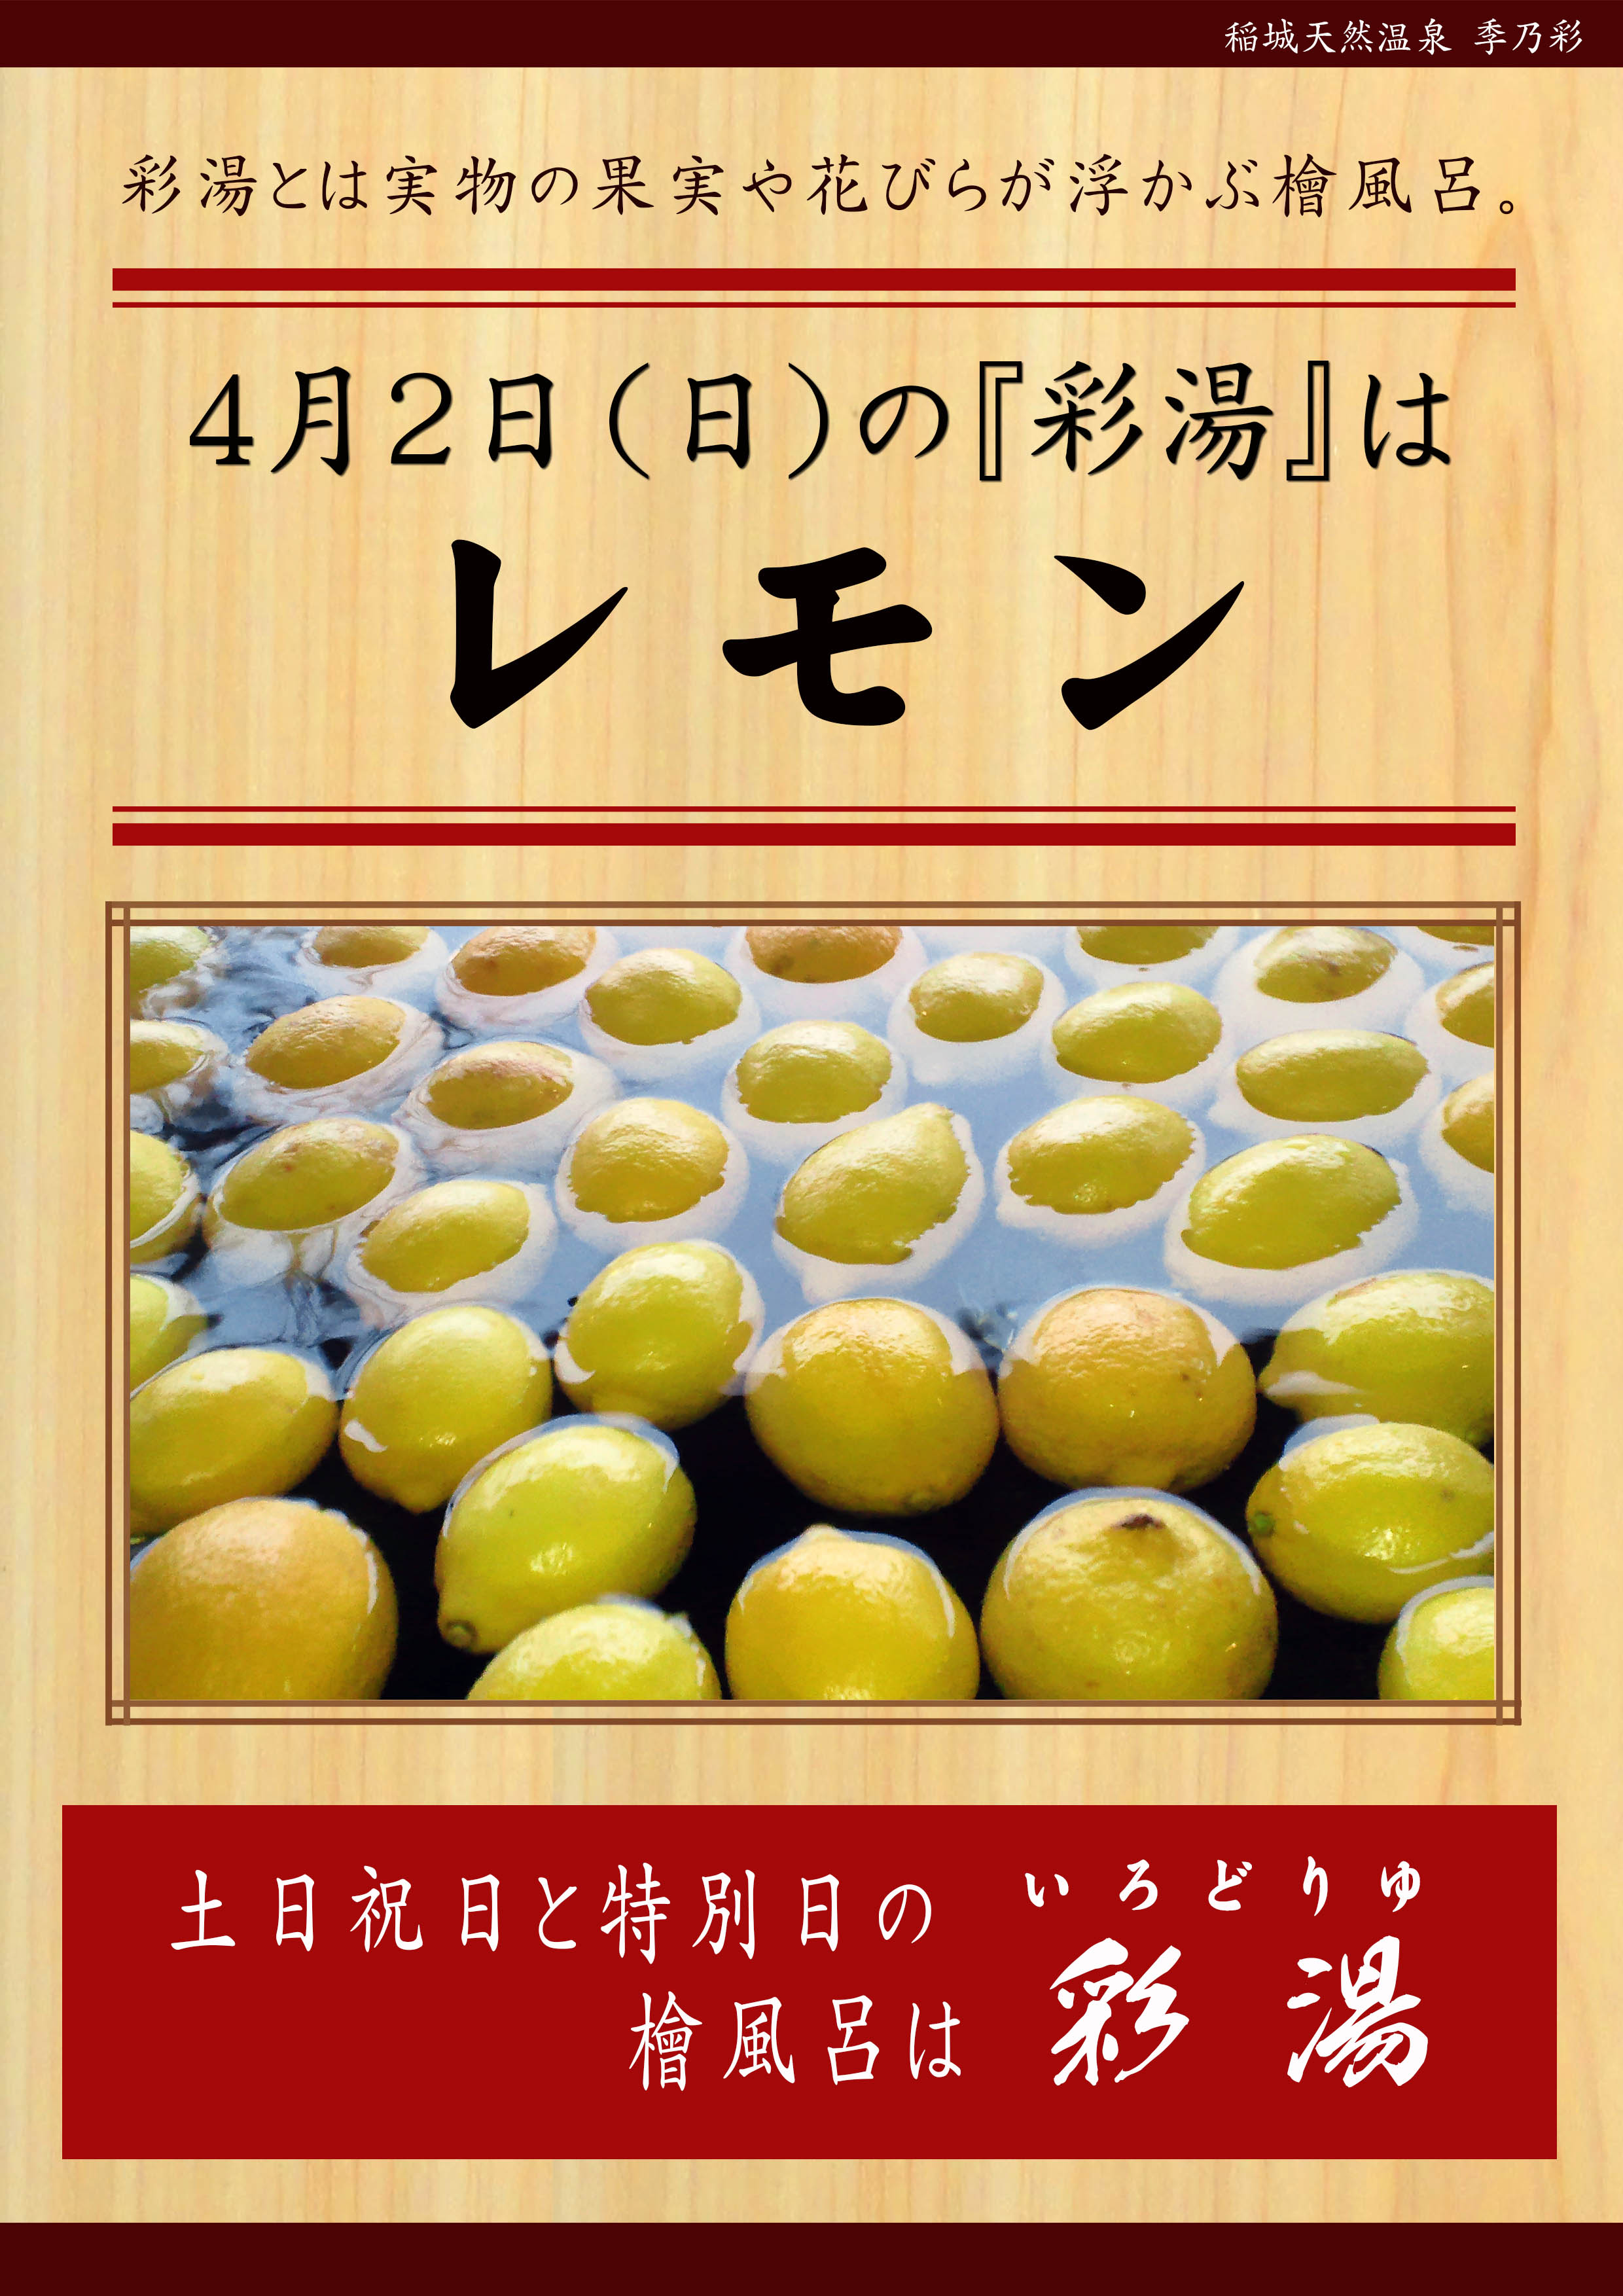 20170402POP イベント 彩湯 レモン